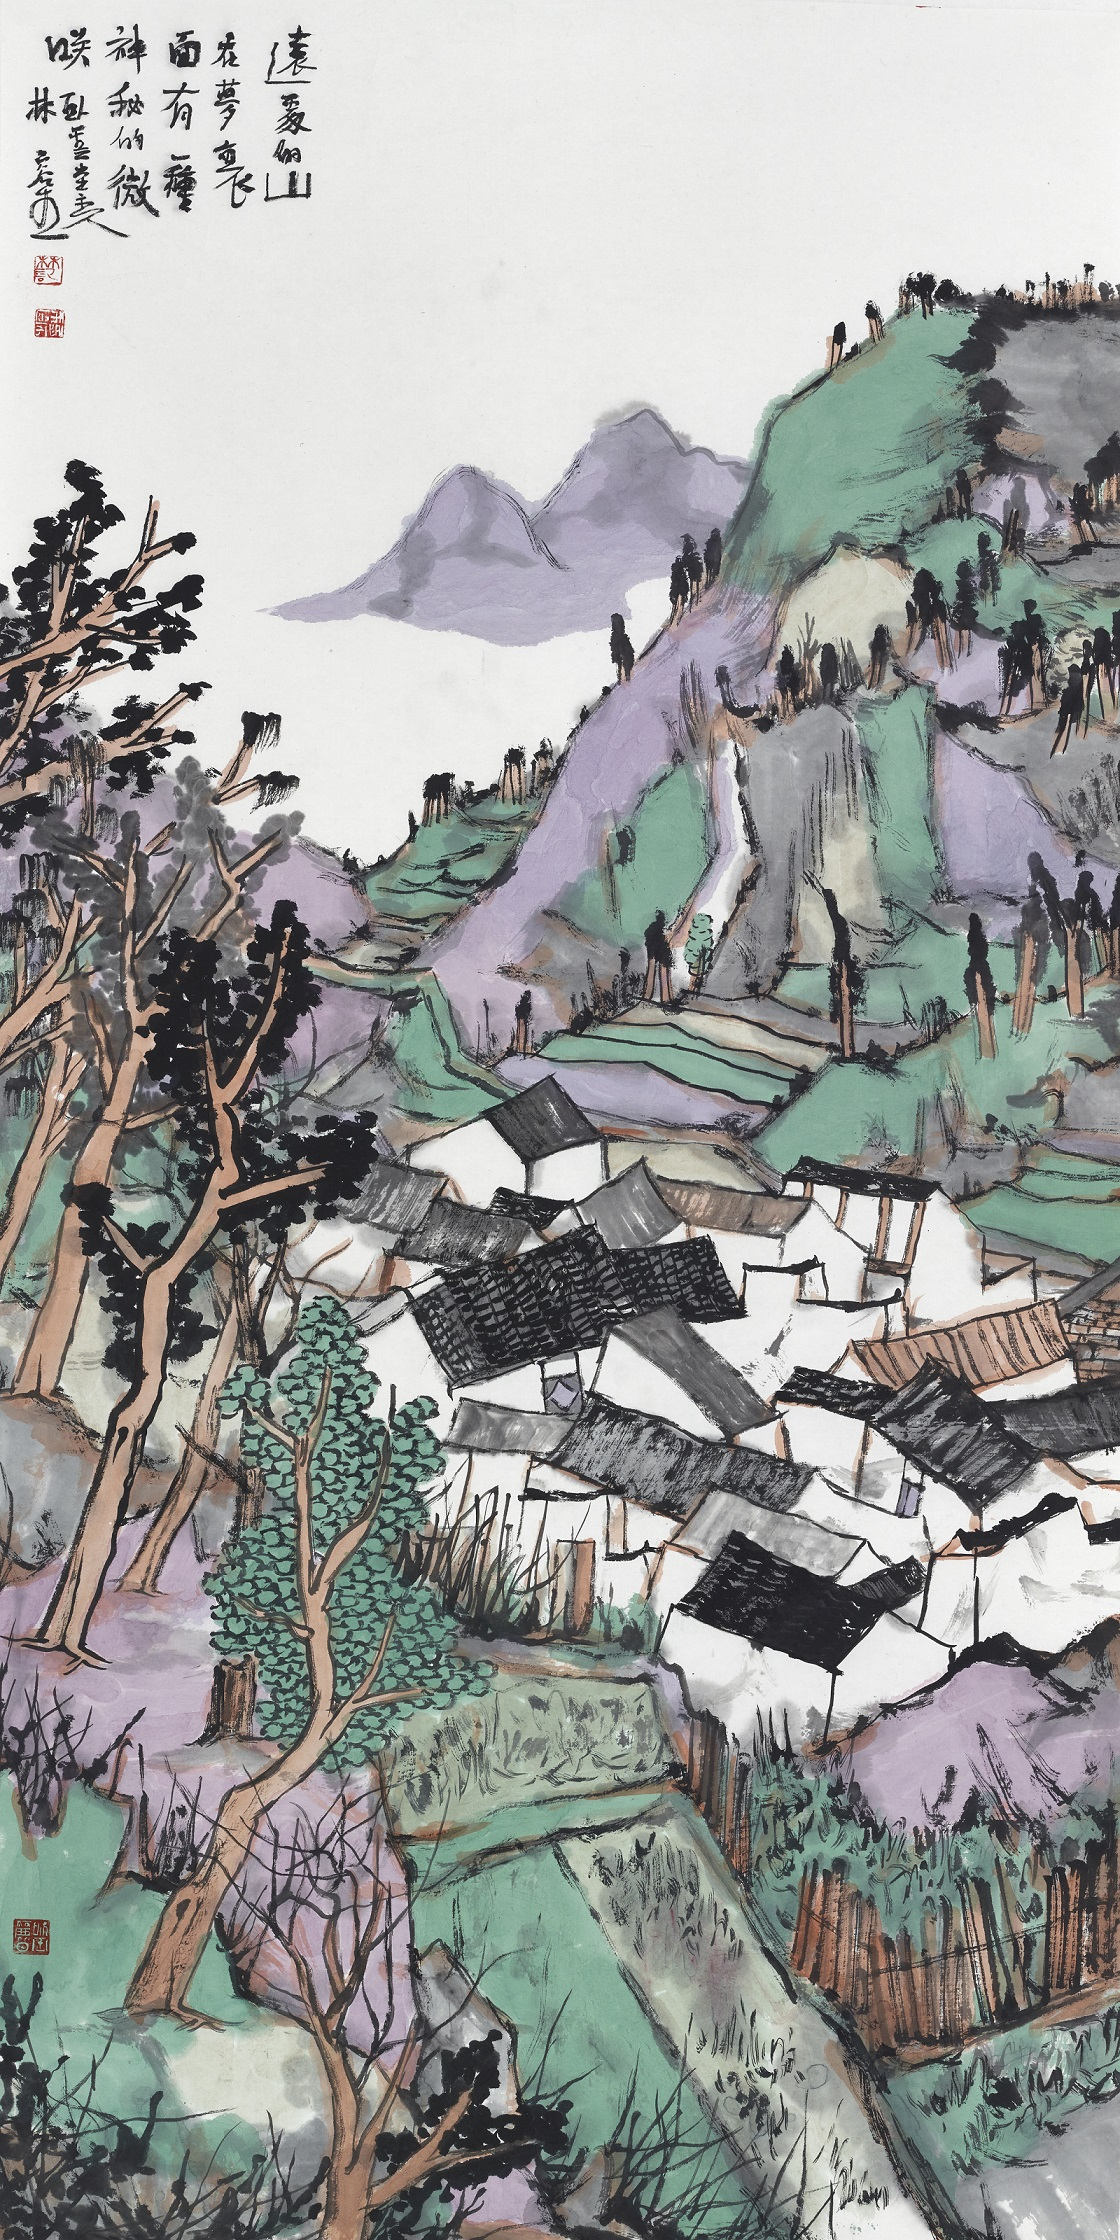 lin-rongsheng-montagna-in-lontananza-2015